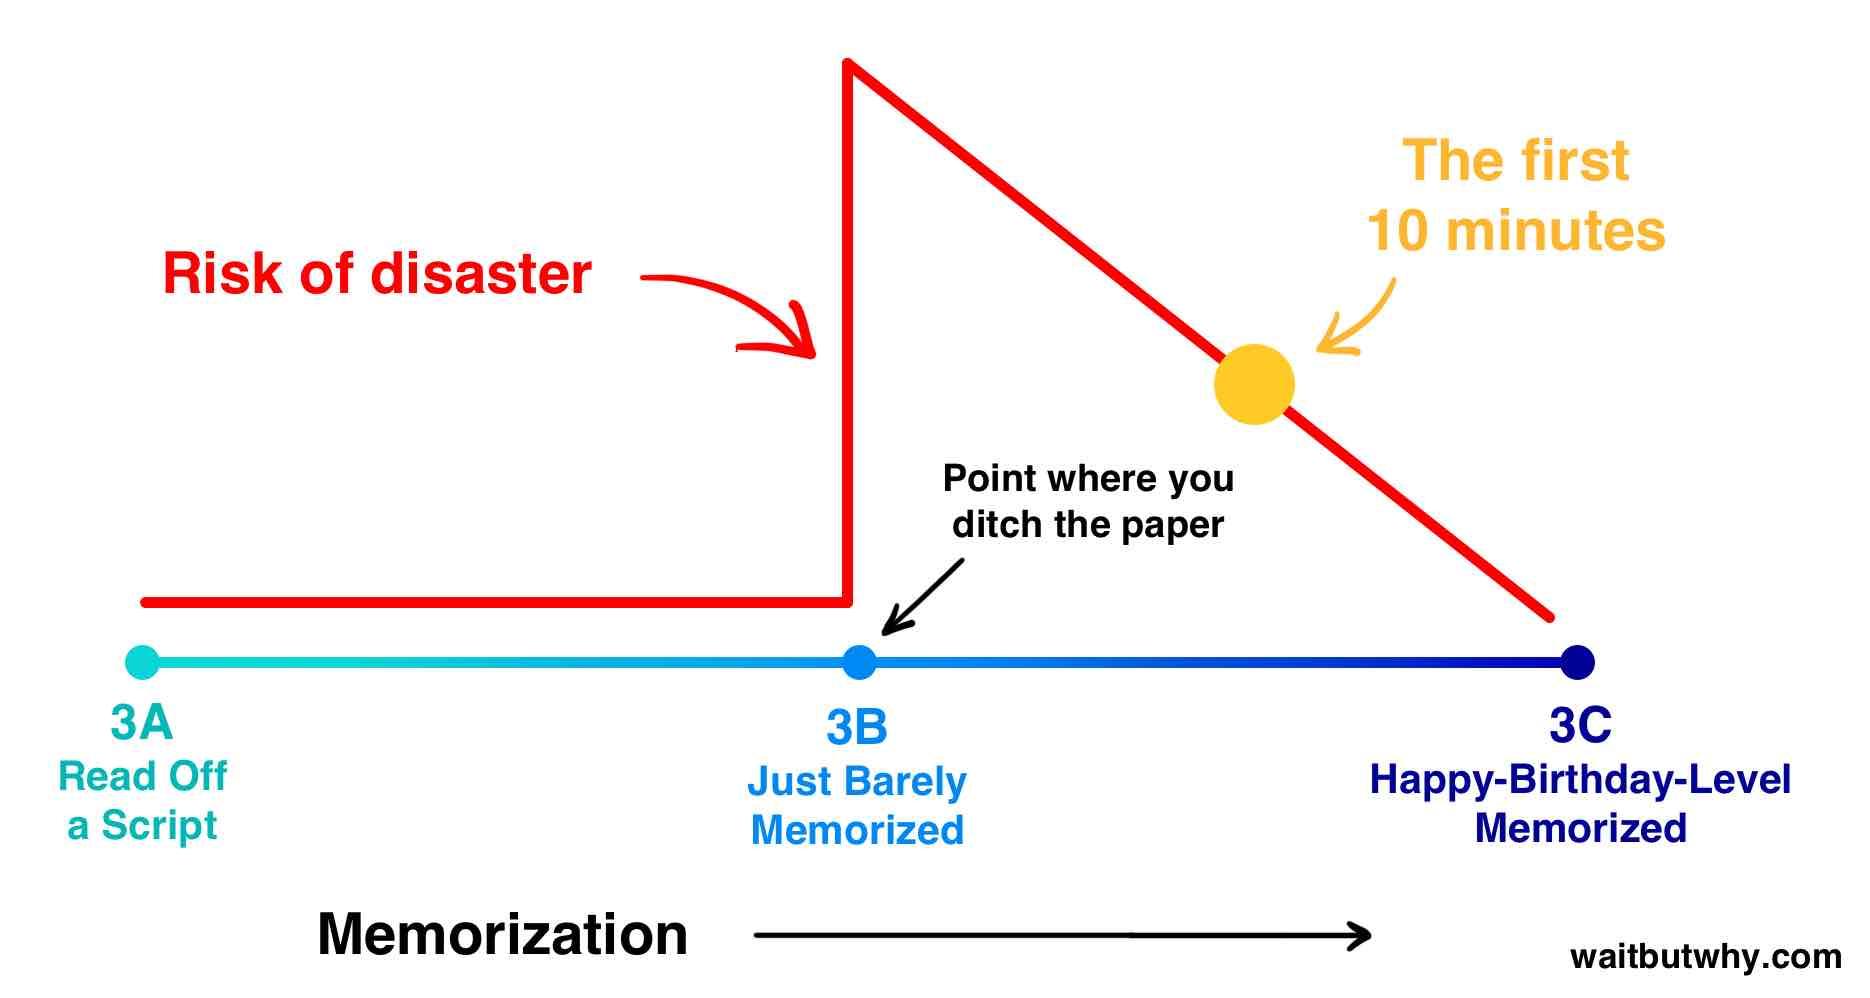 Memorization risk graph 1